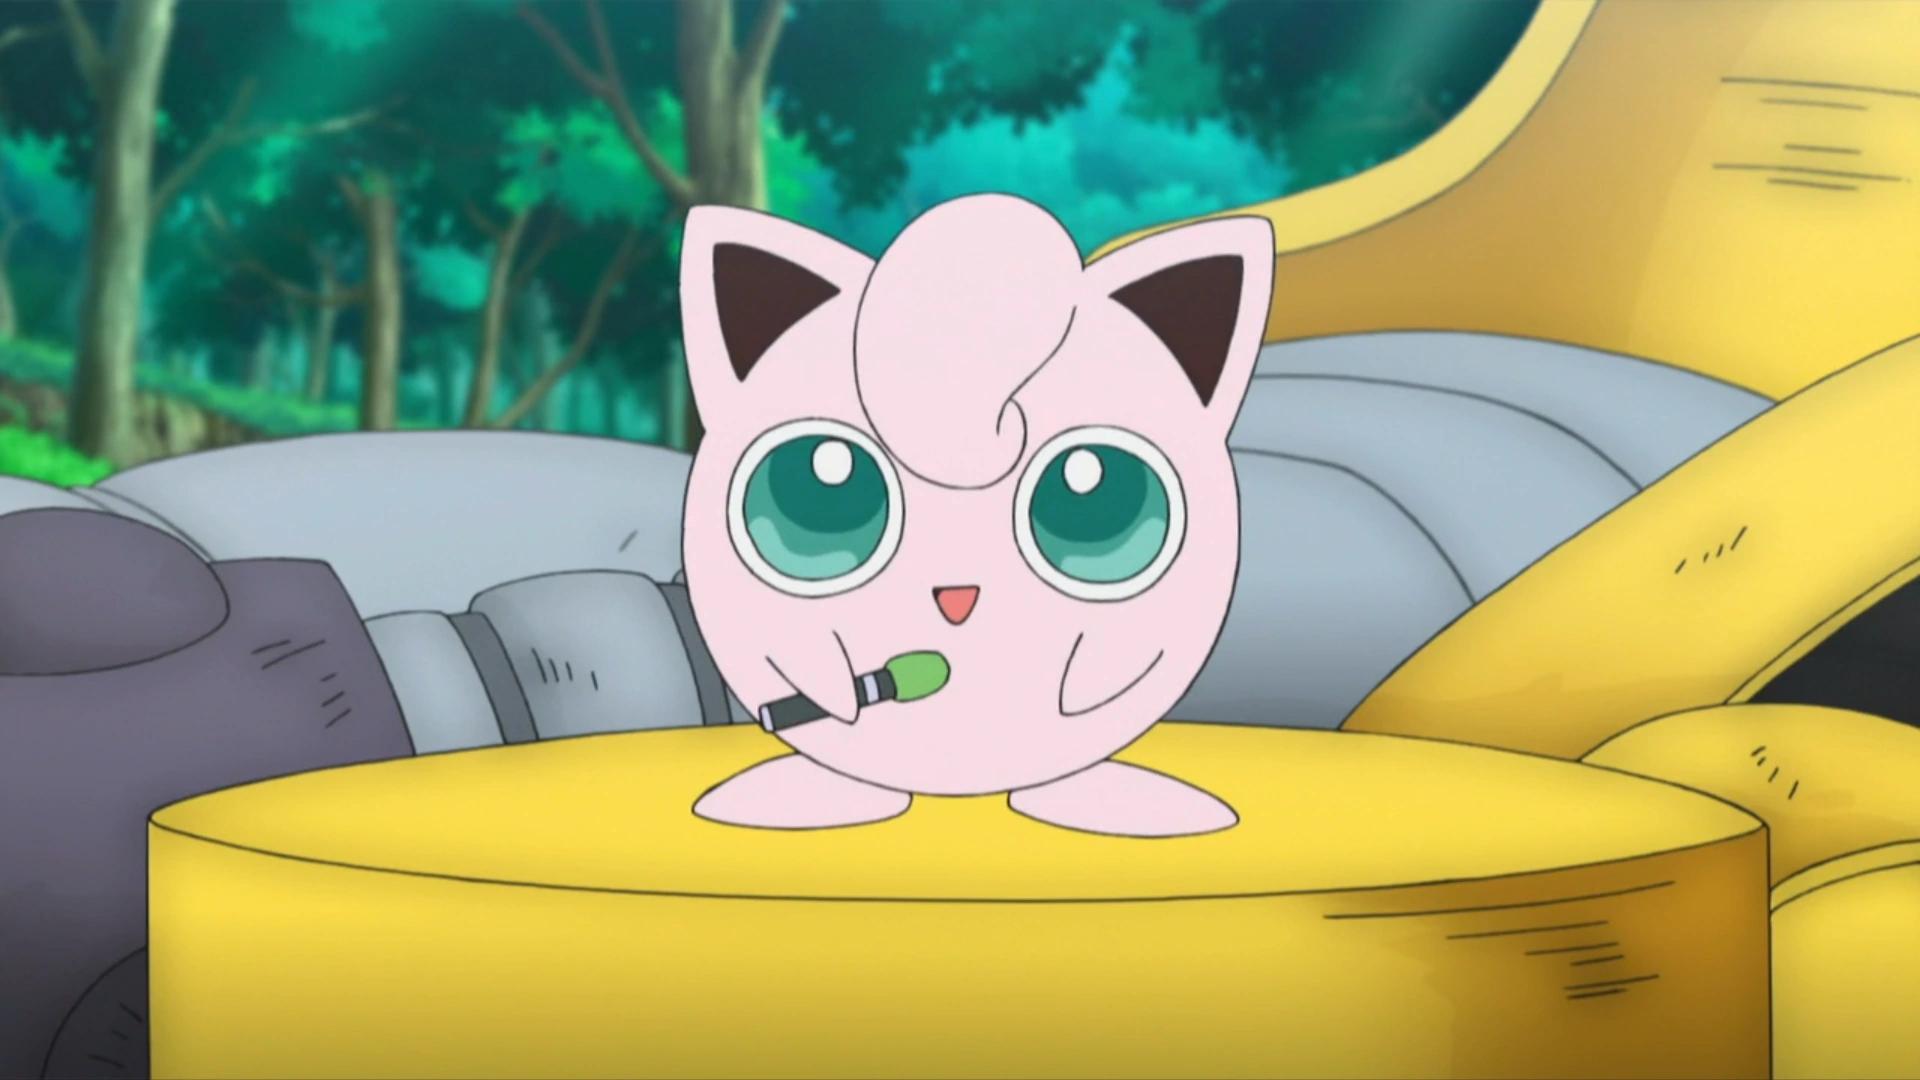 Jak nazywa się ten Pokemon?